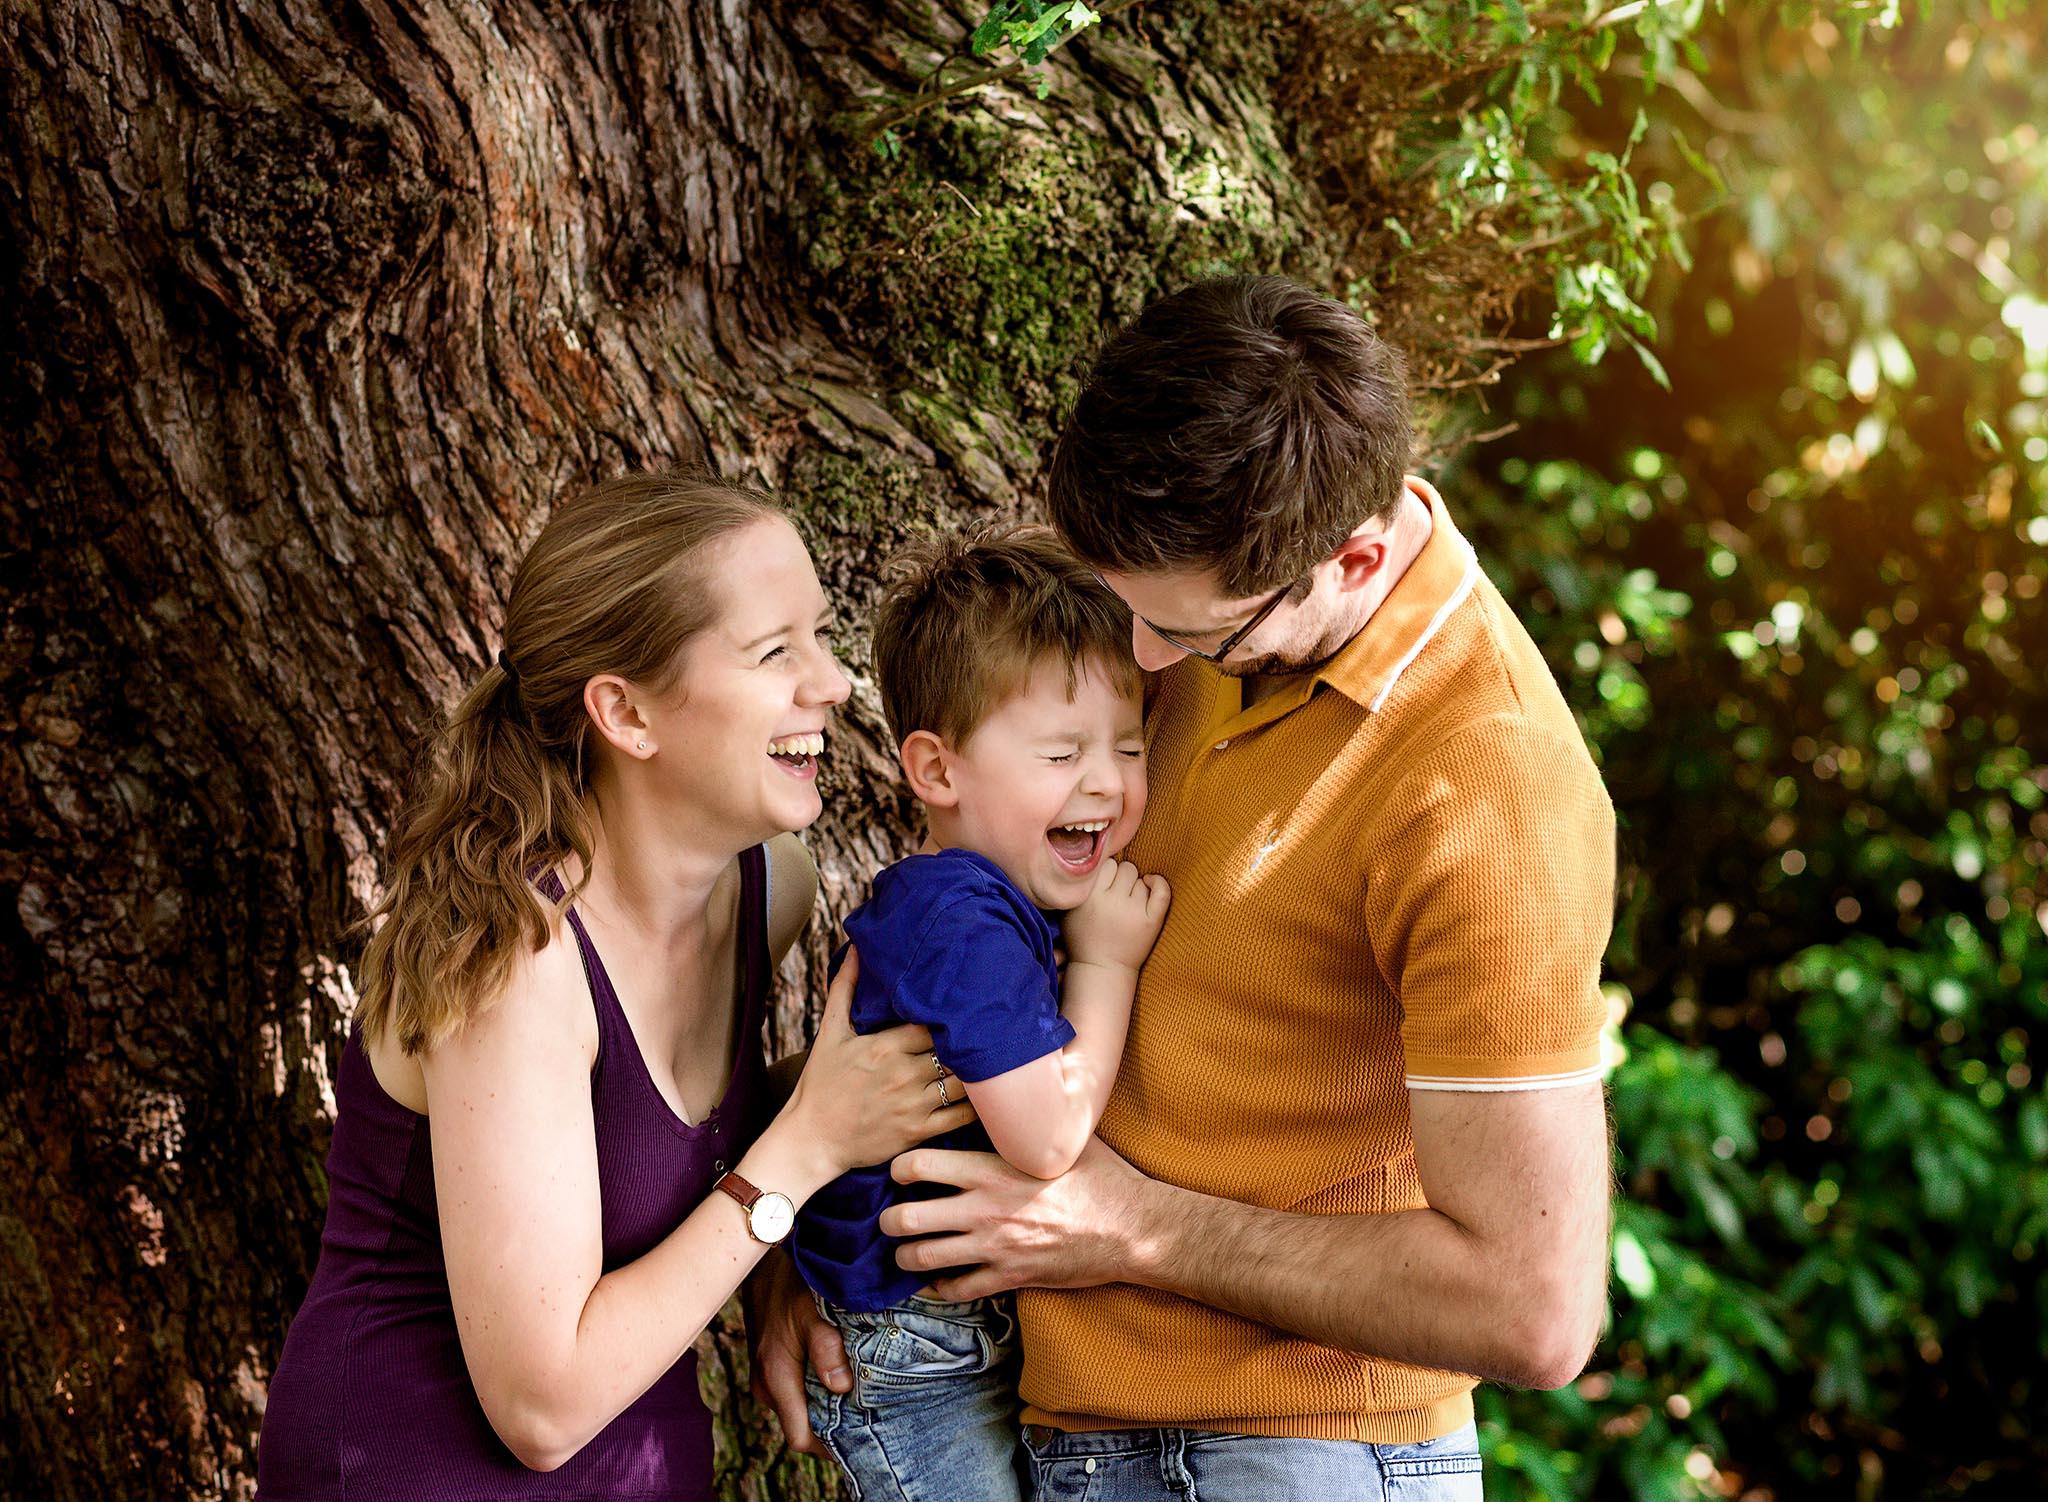 Outdoor Fun Family Photography